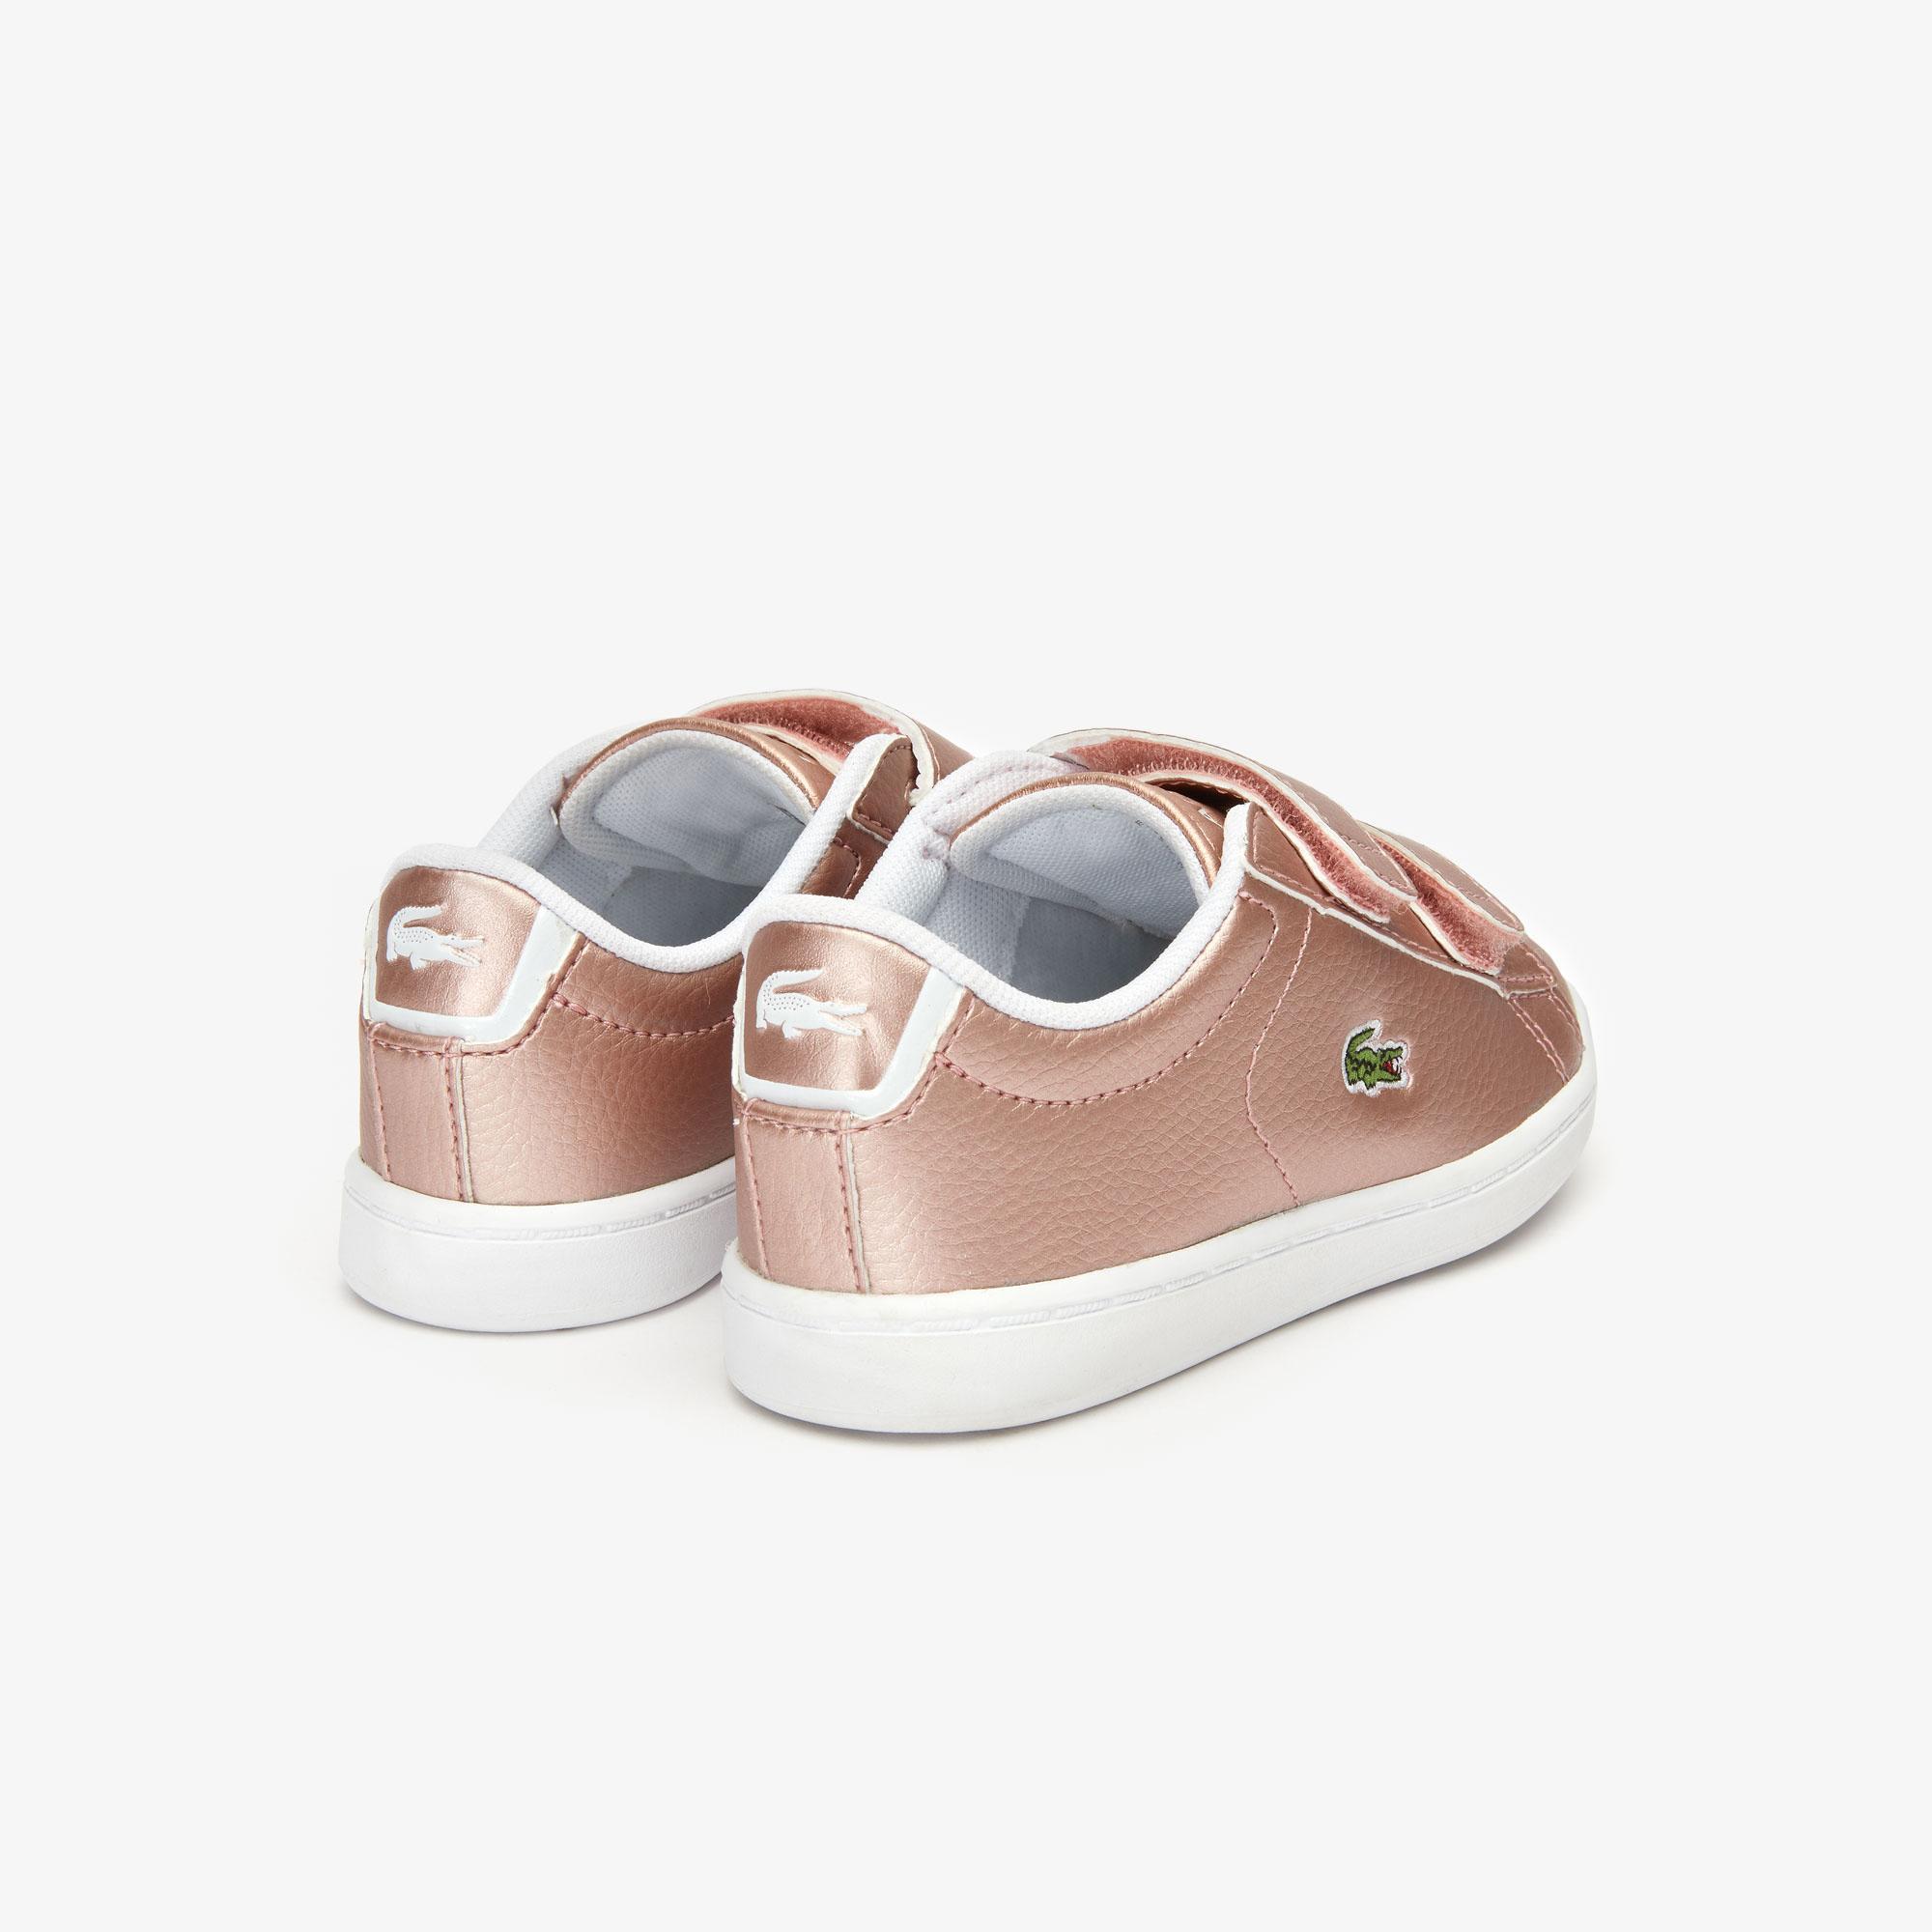 Lacoste Carnaby Evo Strap 319 2 Sui Çocuk Pembe - Beyaz Sneaker